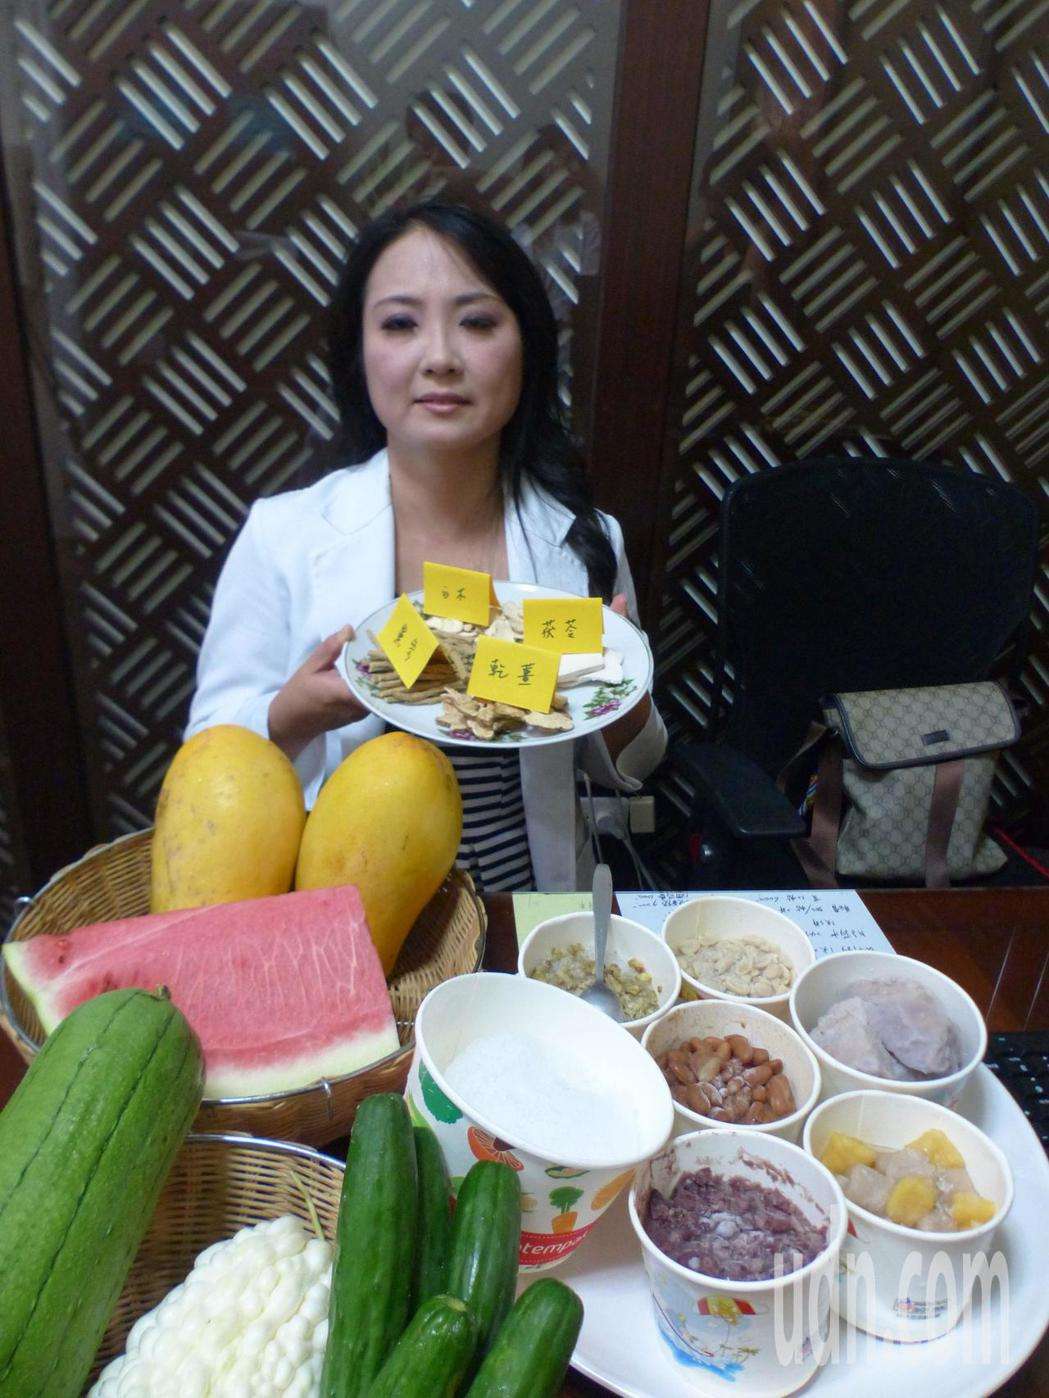 中醫師蔡蕙君說明,冰品、寒涼食物如苦瓜、小黃瓜,以及過甜水果,都是減重地雷食物。...